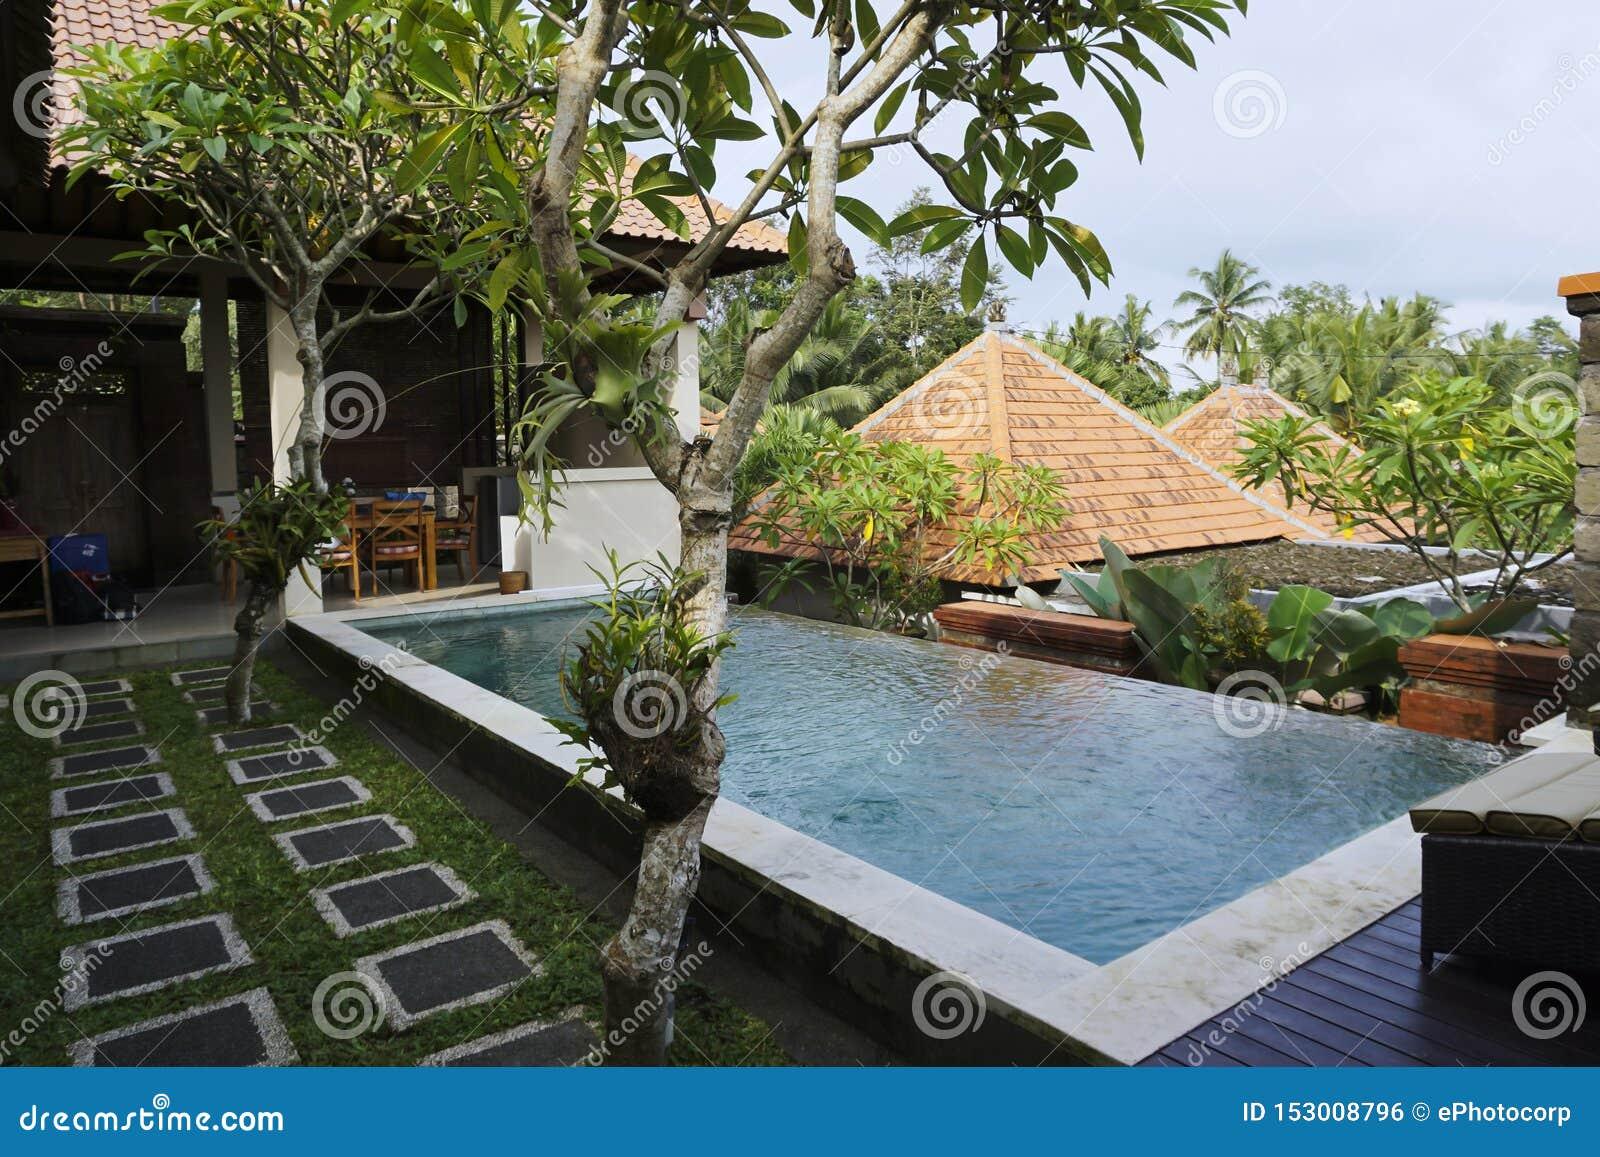 Private Infinity Pool At Villa At Griya Shanti Villas And Spa Ubud Bali Indonesia Stock Photo Image Of Colorful Pool 153008796